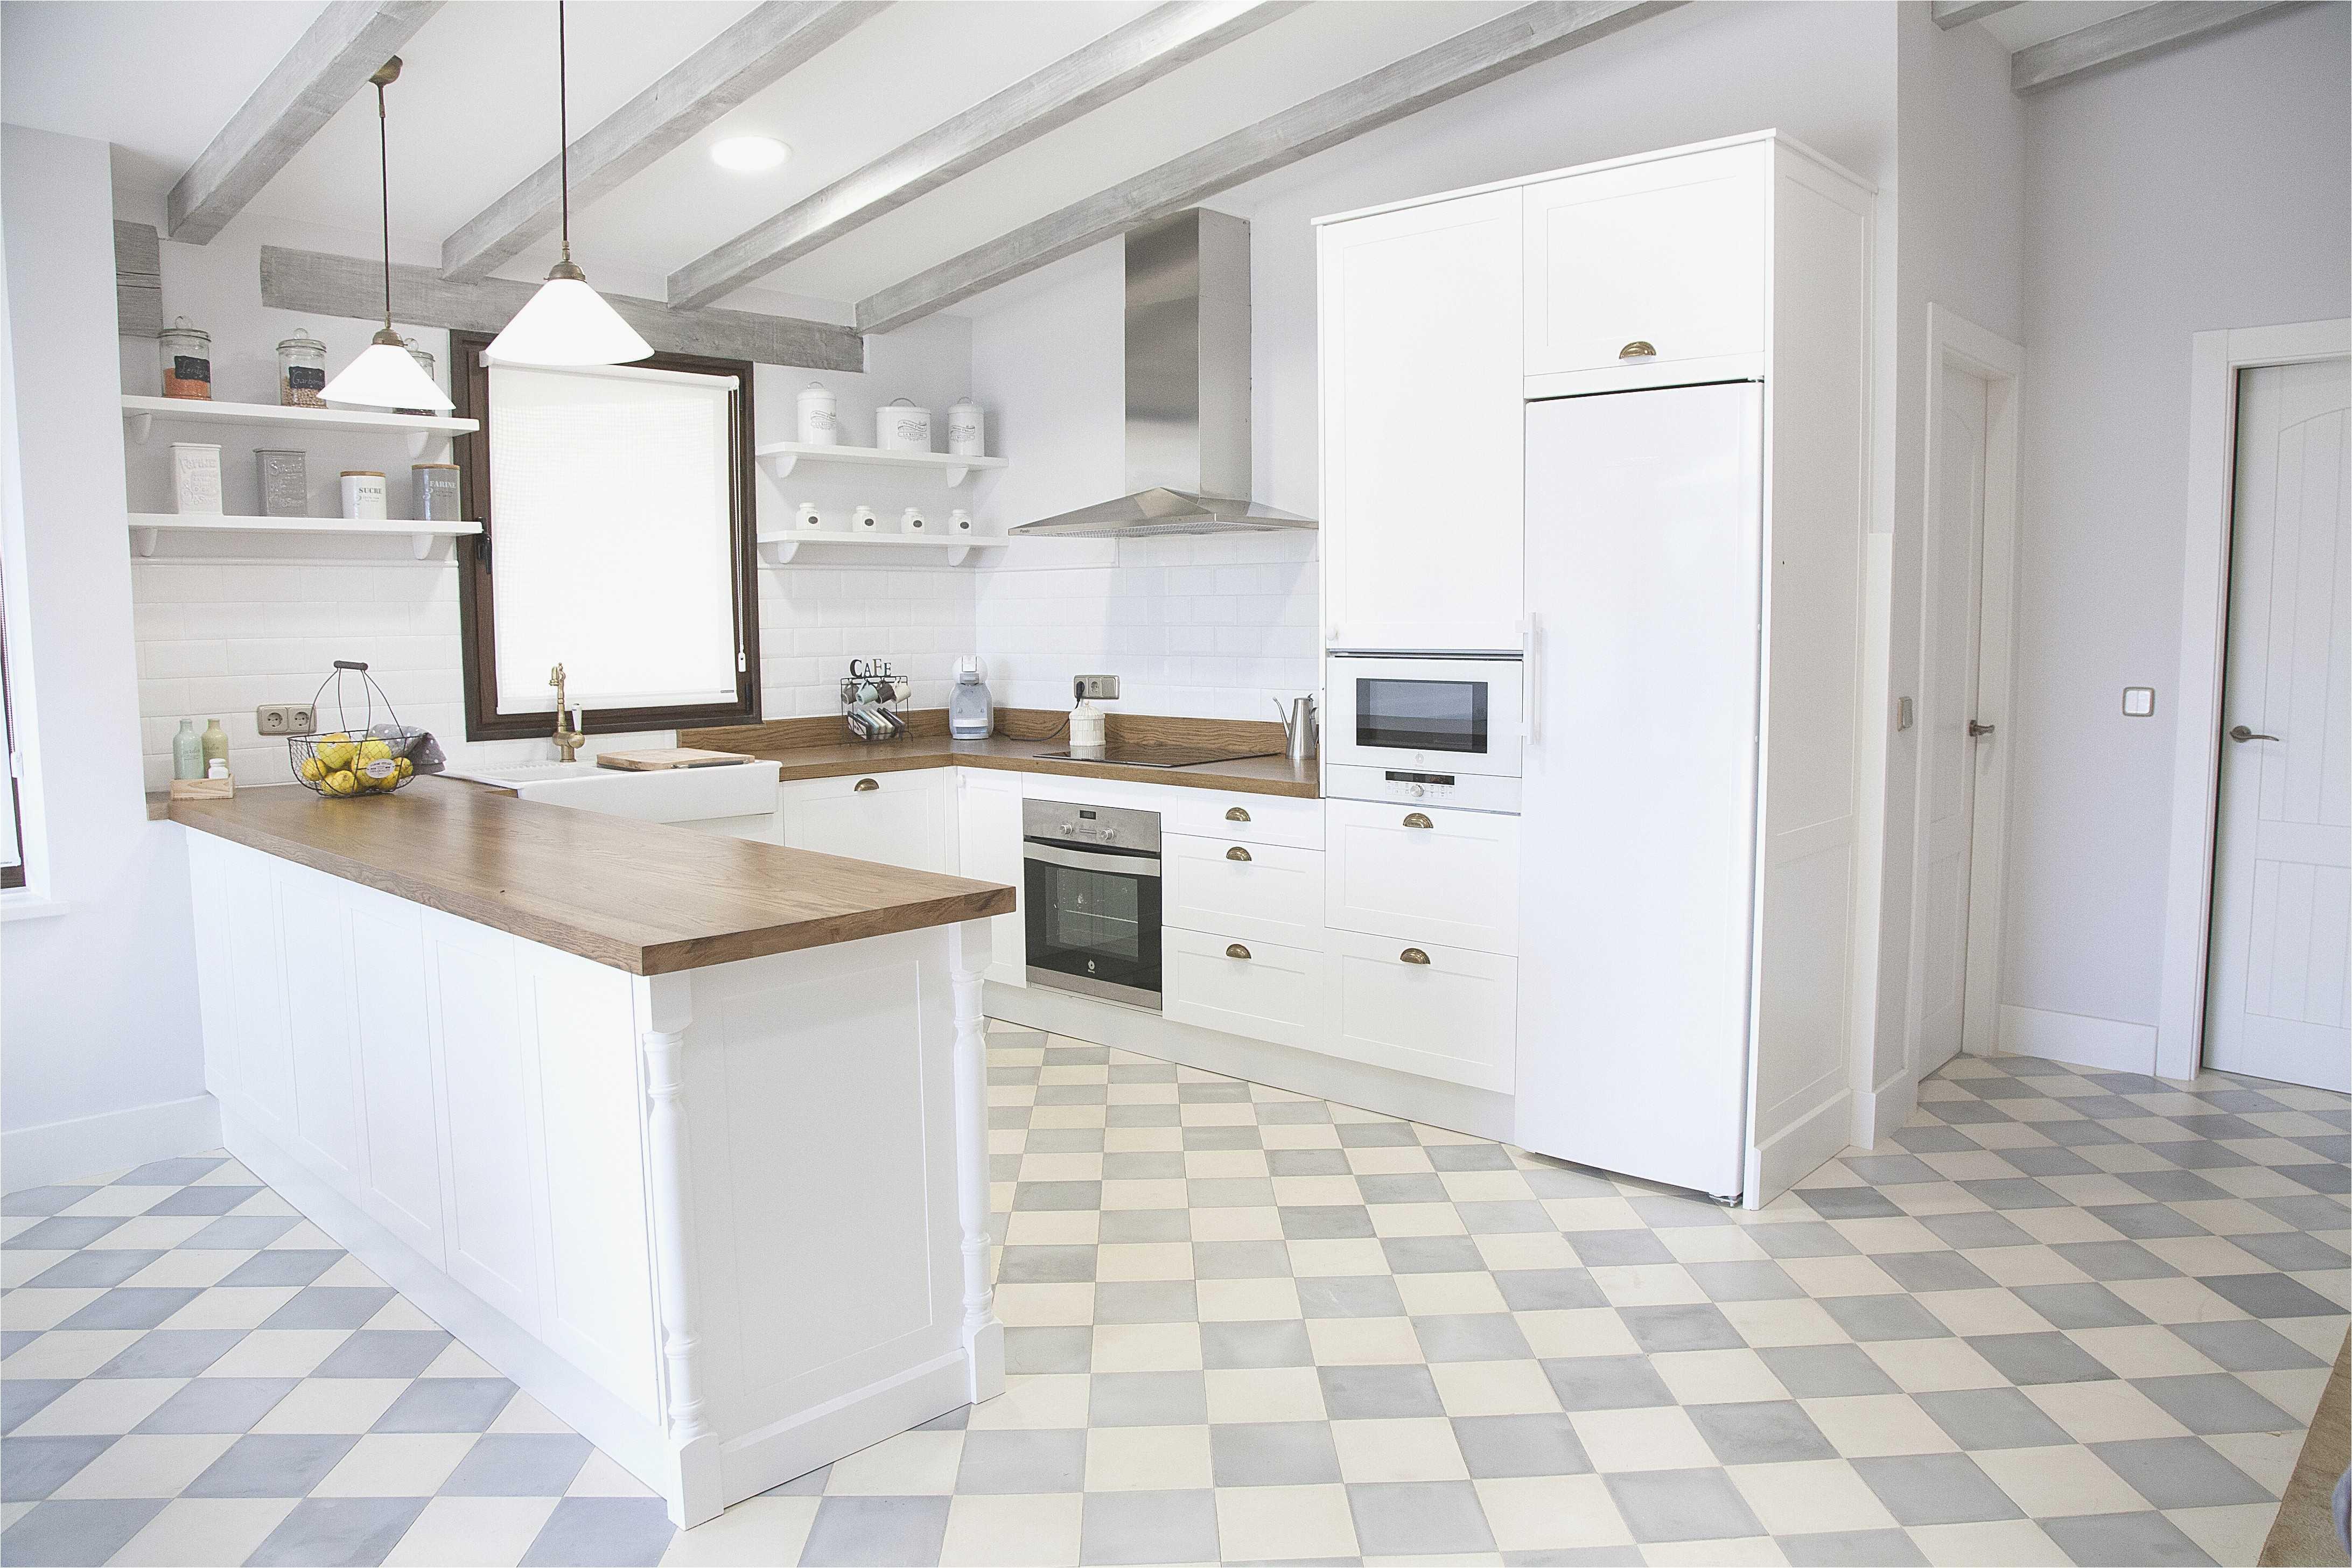 Dise os de cocinas peque as y sencillas con ventanas https for Disenos de cocinas pequenas y sencillas